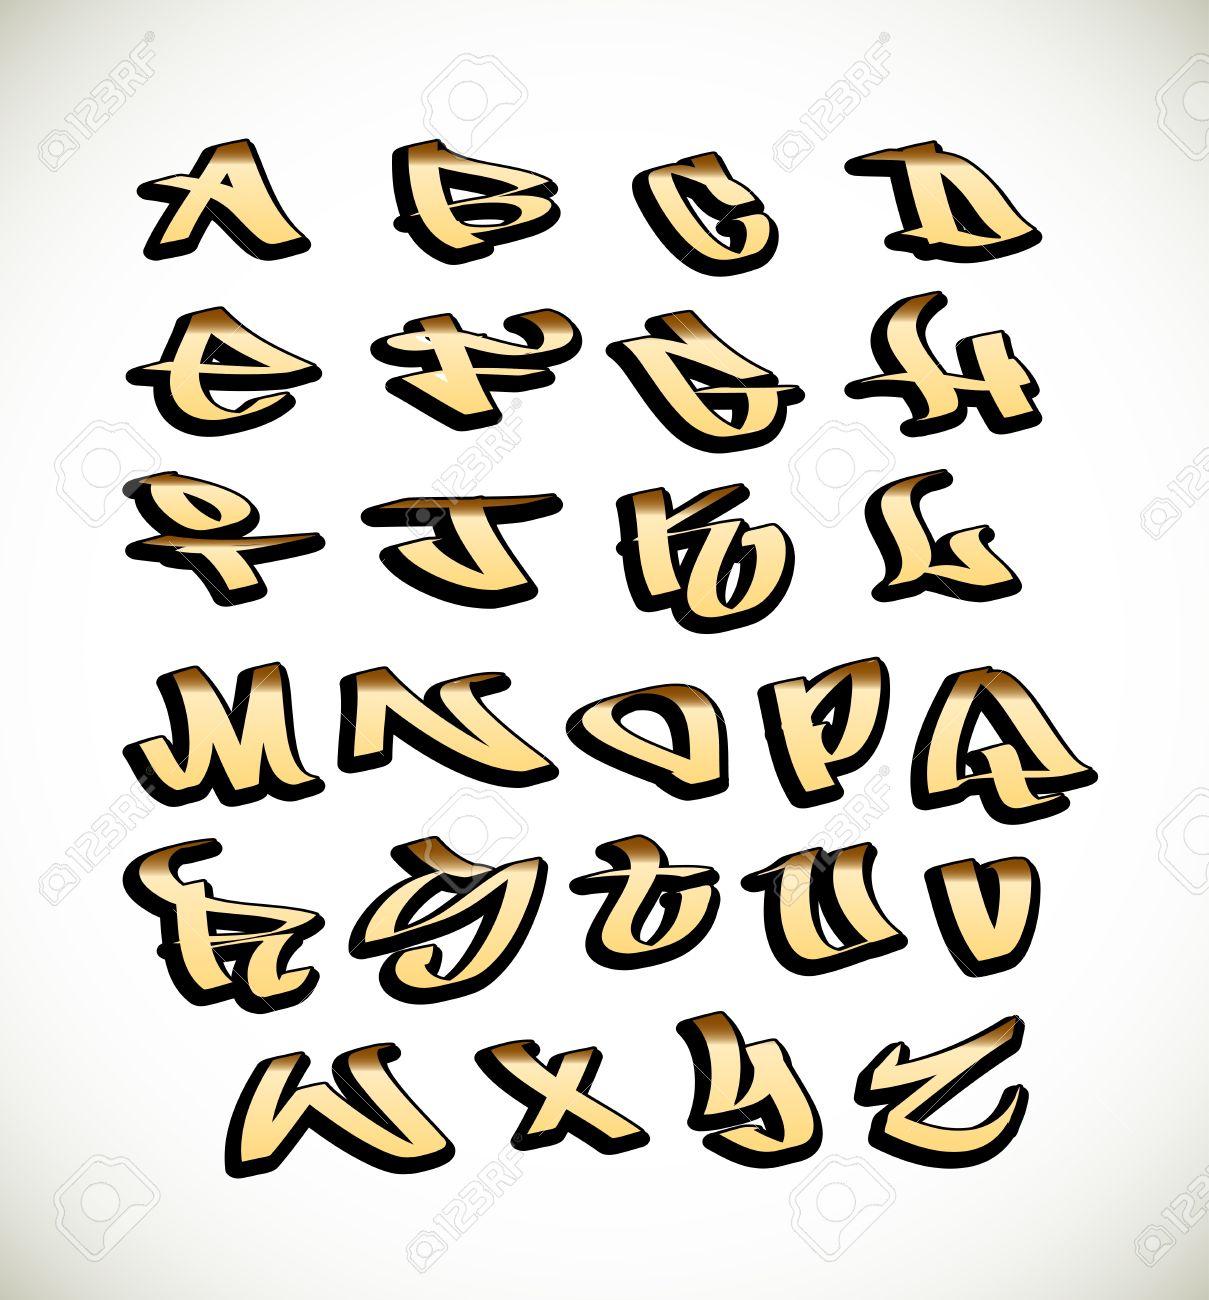 Lettres de graffiti alphabet police. Hip hop type de graffiti conception  Banque d\u0027images